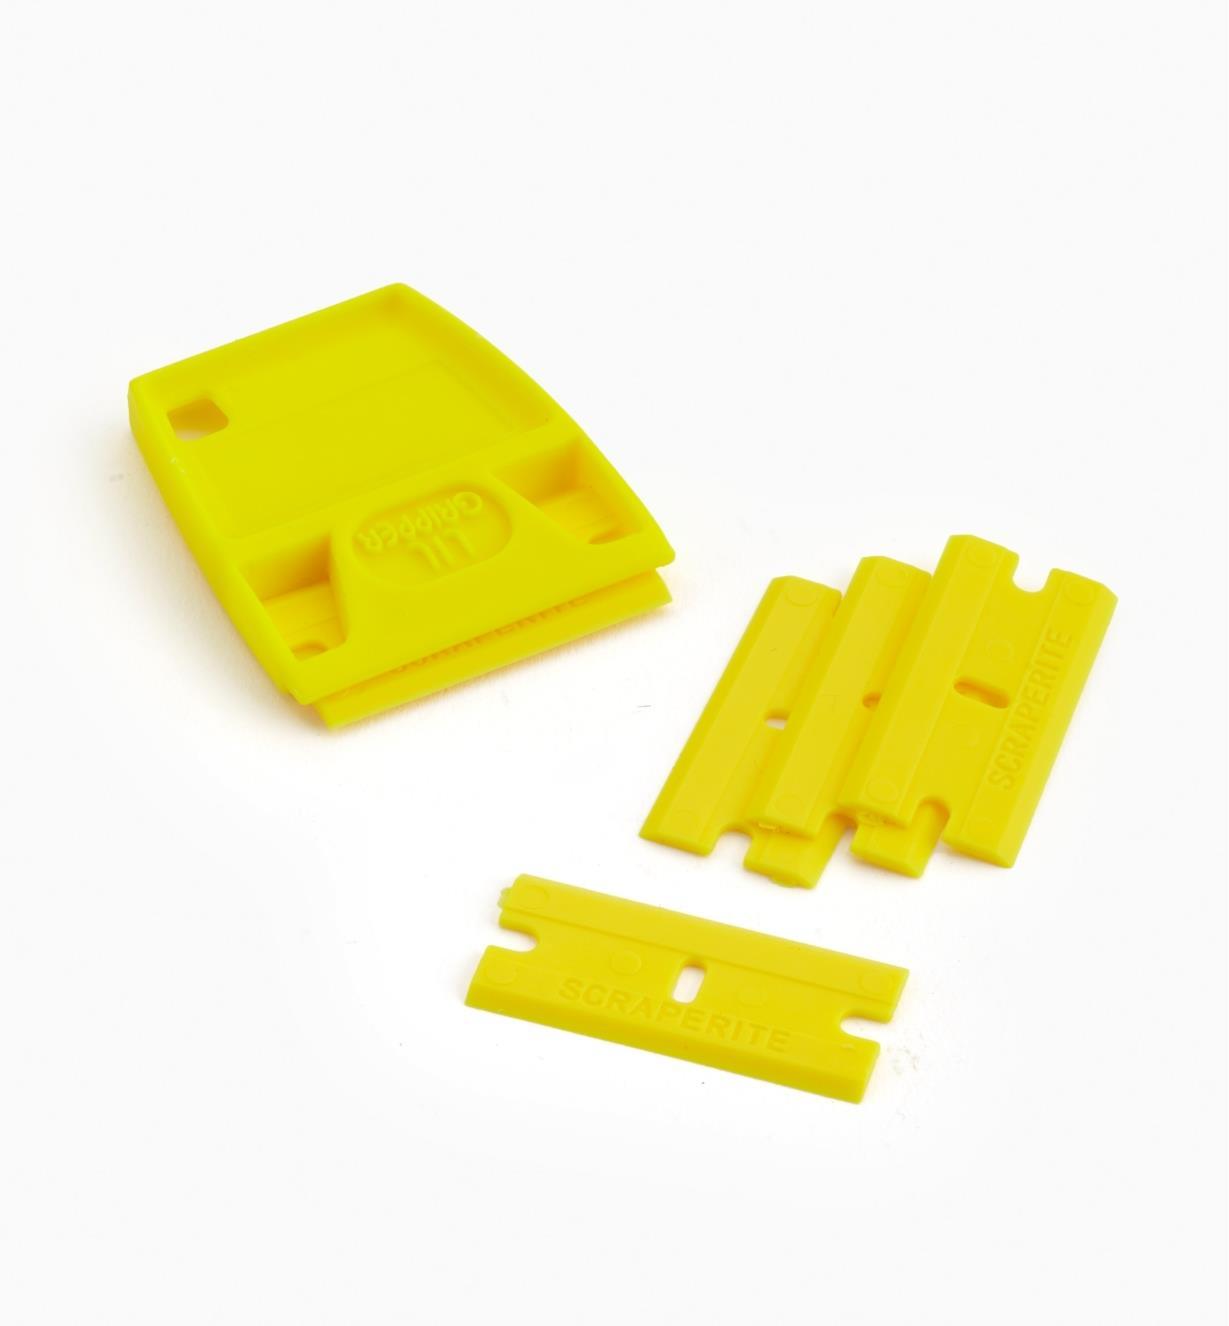 86K0318 - Lames jaunes (5) et porte-lame